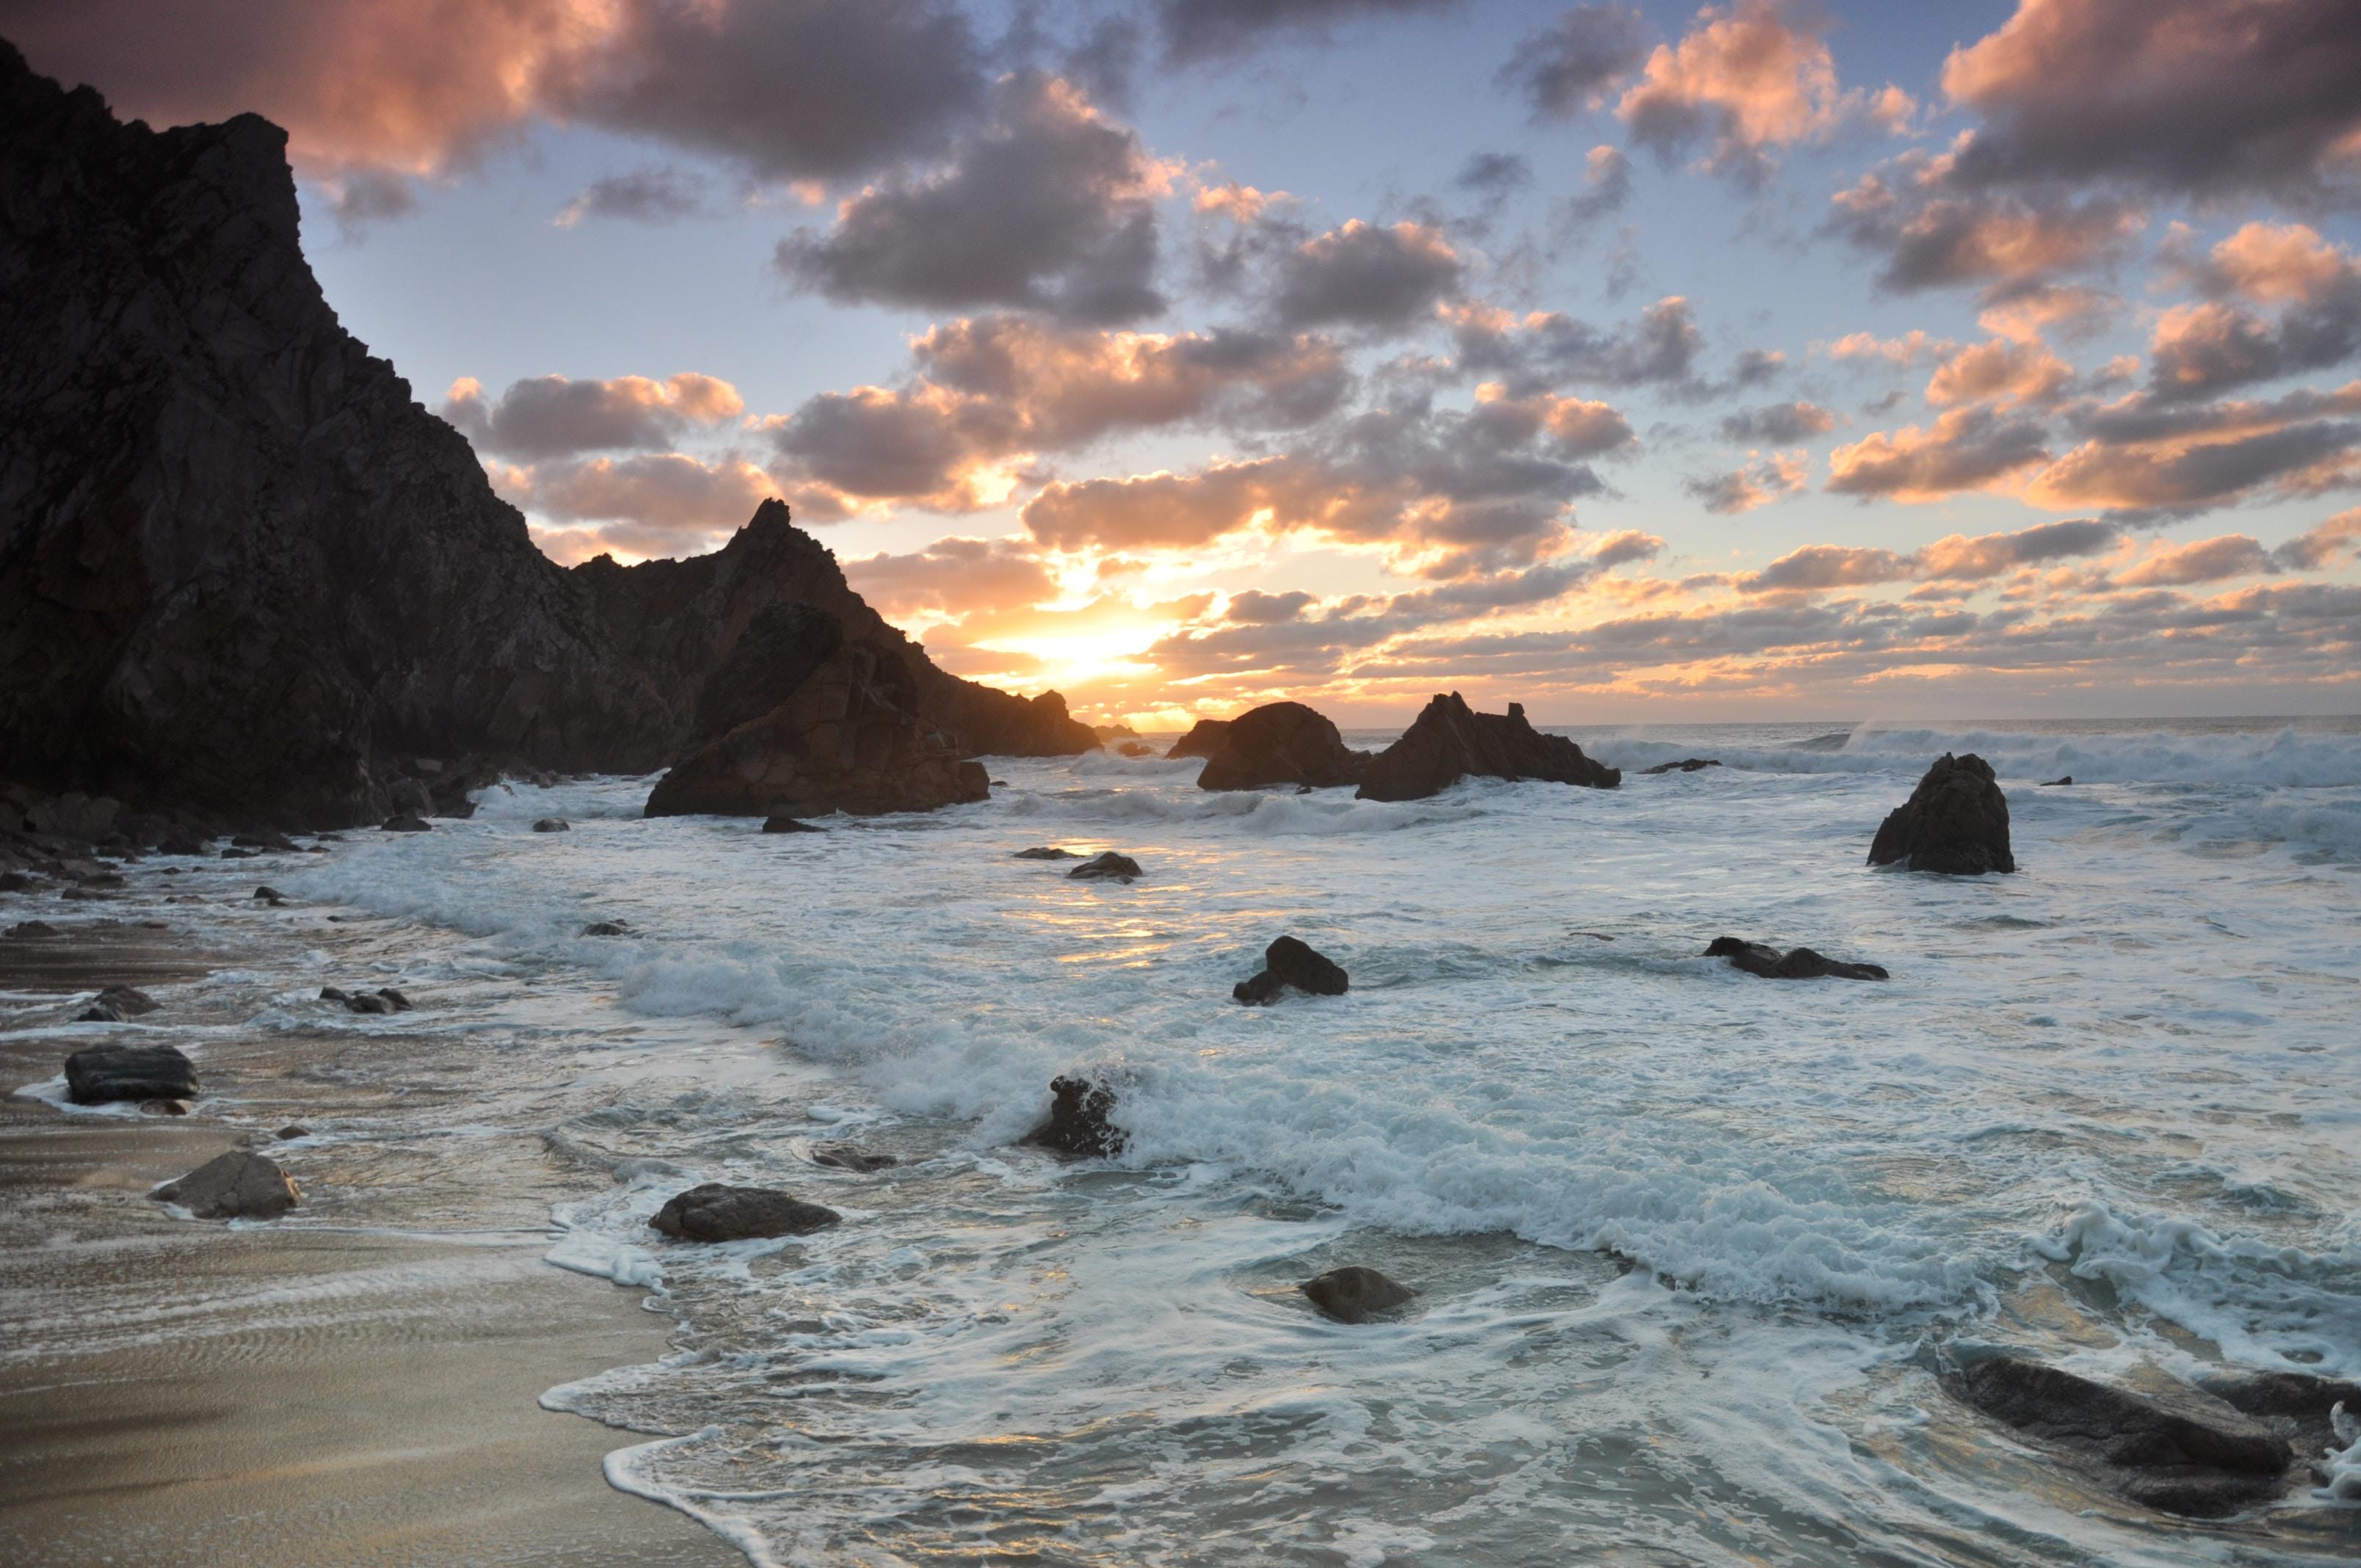 photo of seashore near rocks